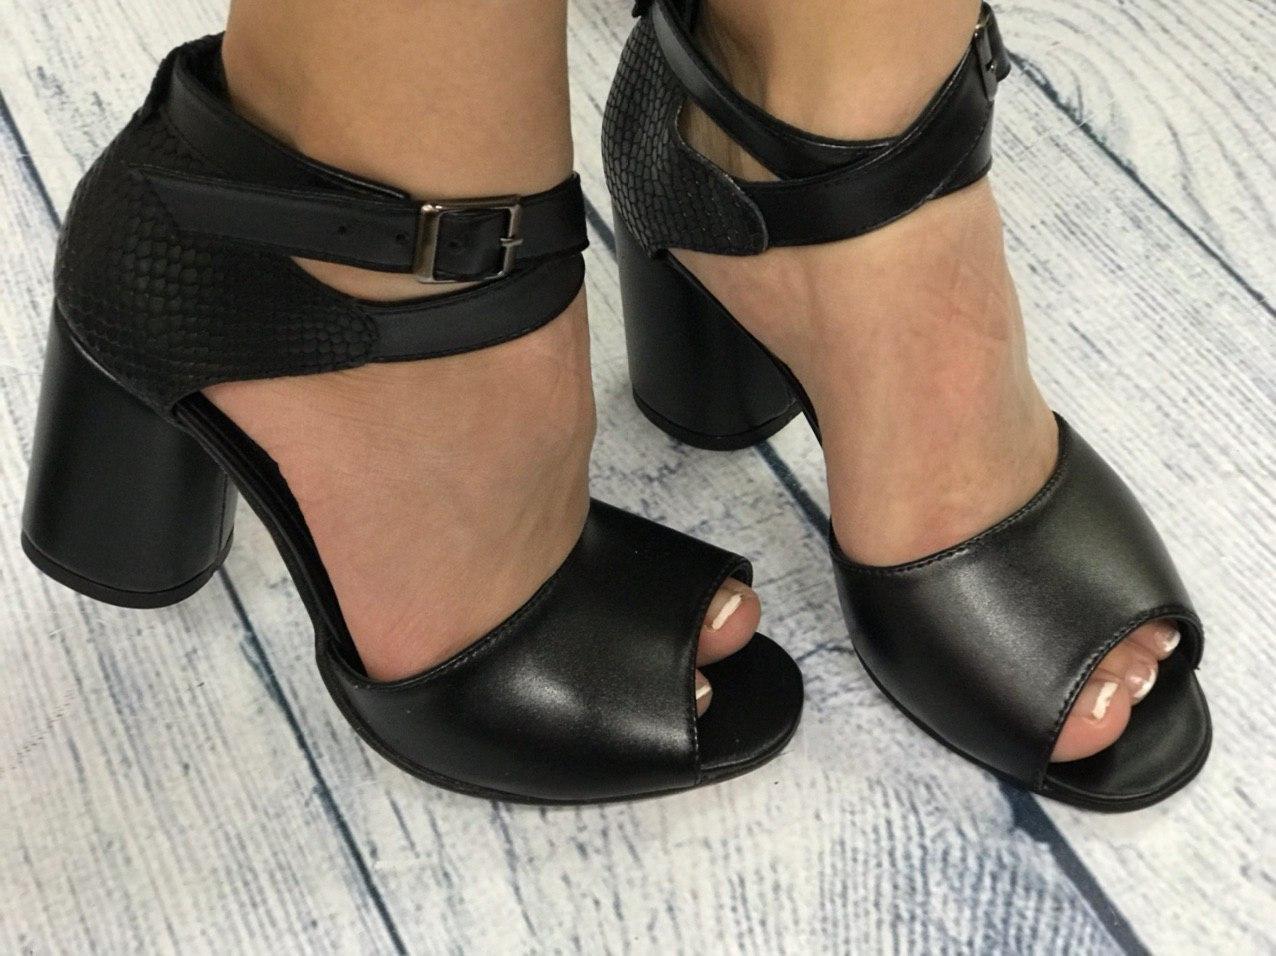 Черные стильные босоножки на каблуке 8 см каблук, кожа или замша пошив размеры 36-40